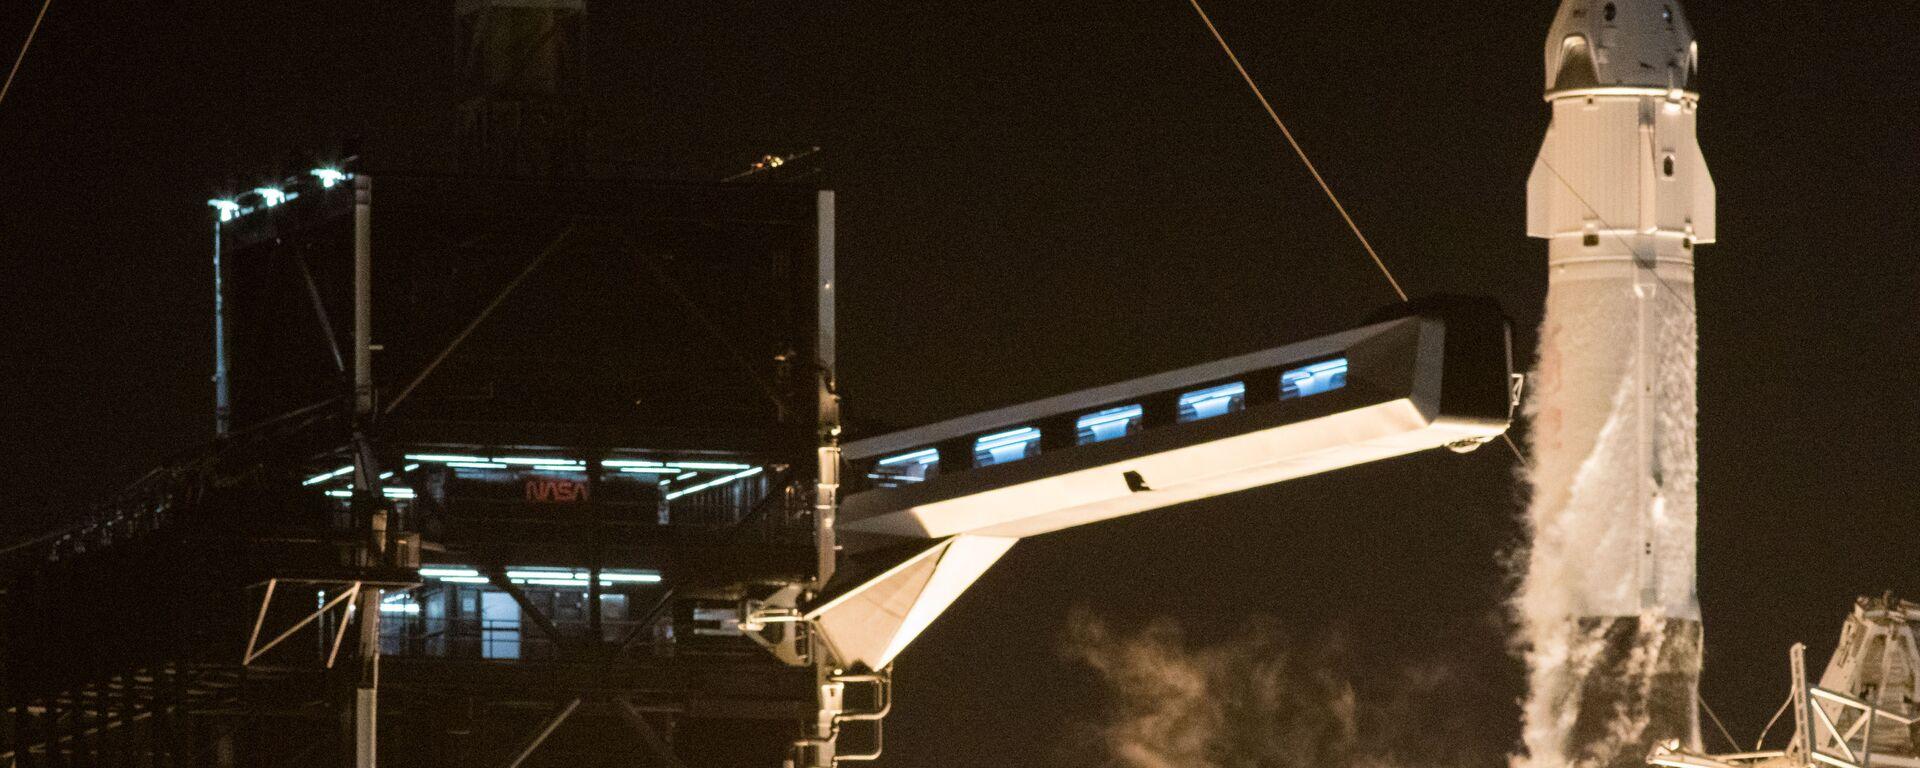 Start rakety Falcon 9 s lodí Crew Dragon - Sputnik Česká republika, 1920, 02.02.2021